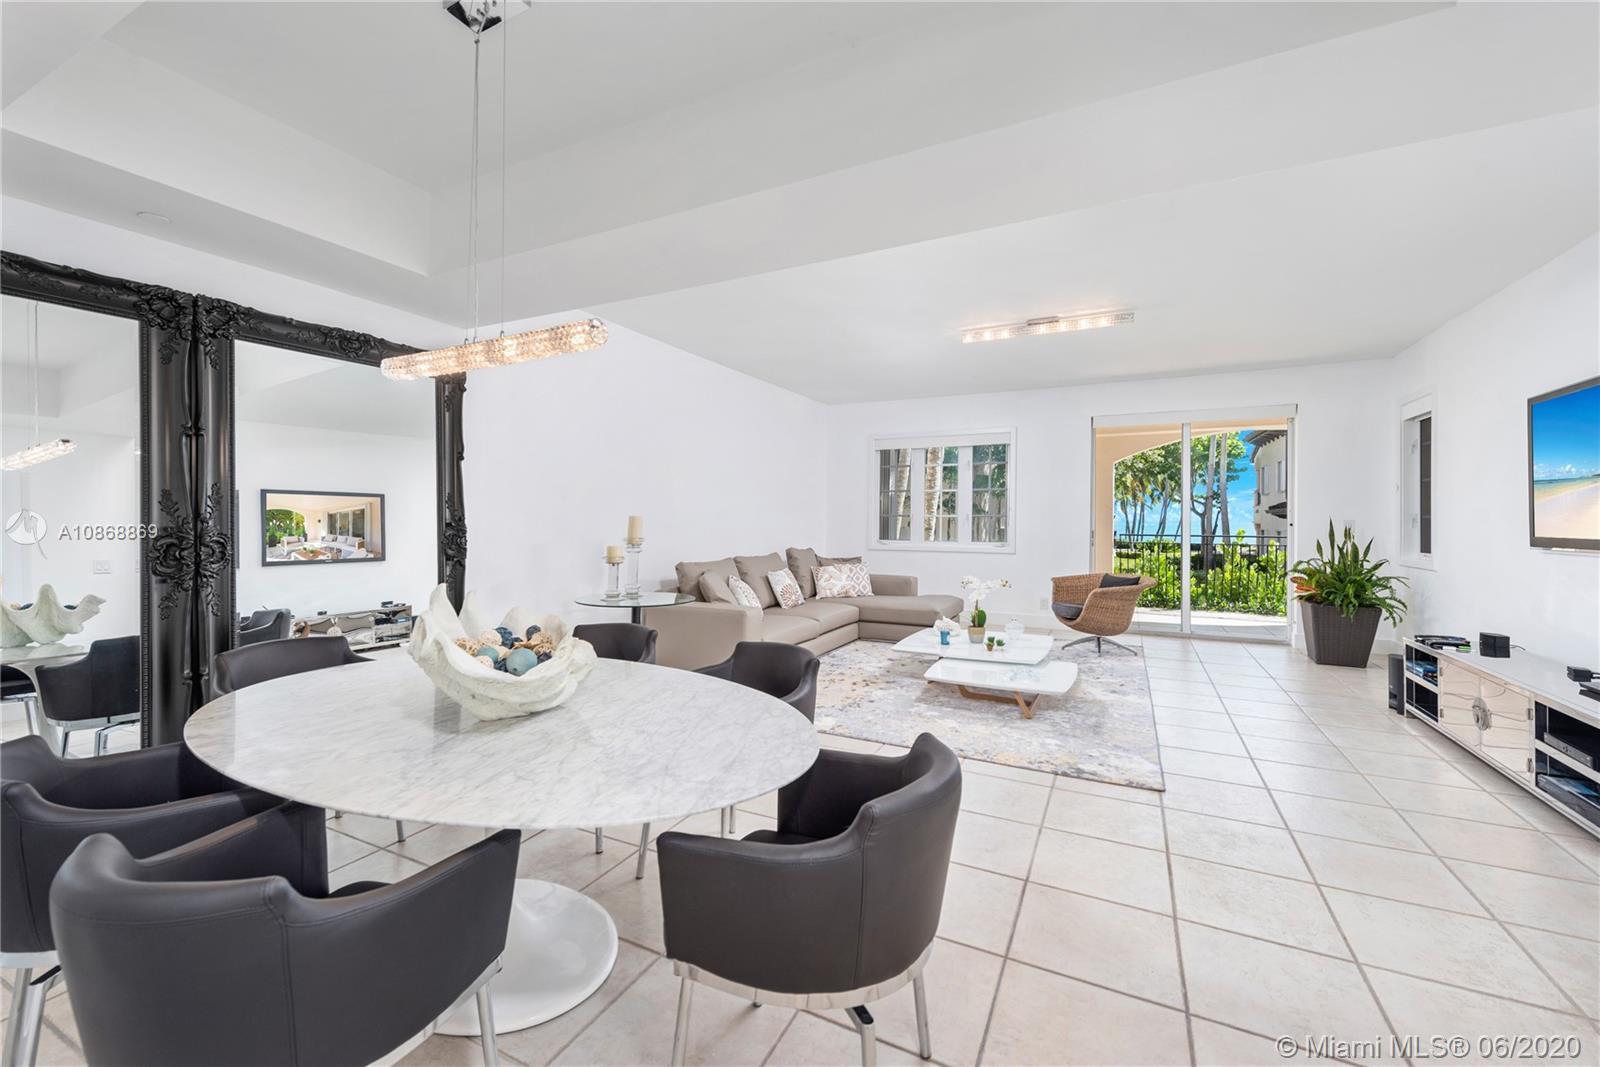 Best deal on Seaside Village at $773 per sq ft. Enjoy this spacious 3 bedroom, 2 bath ground floor u